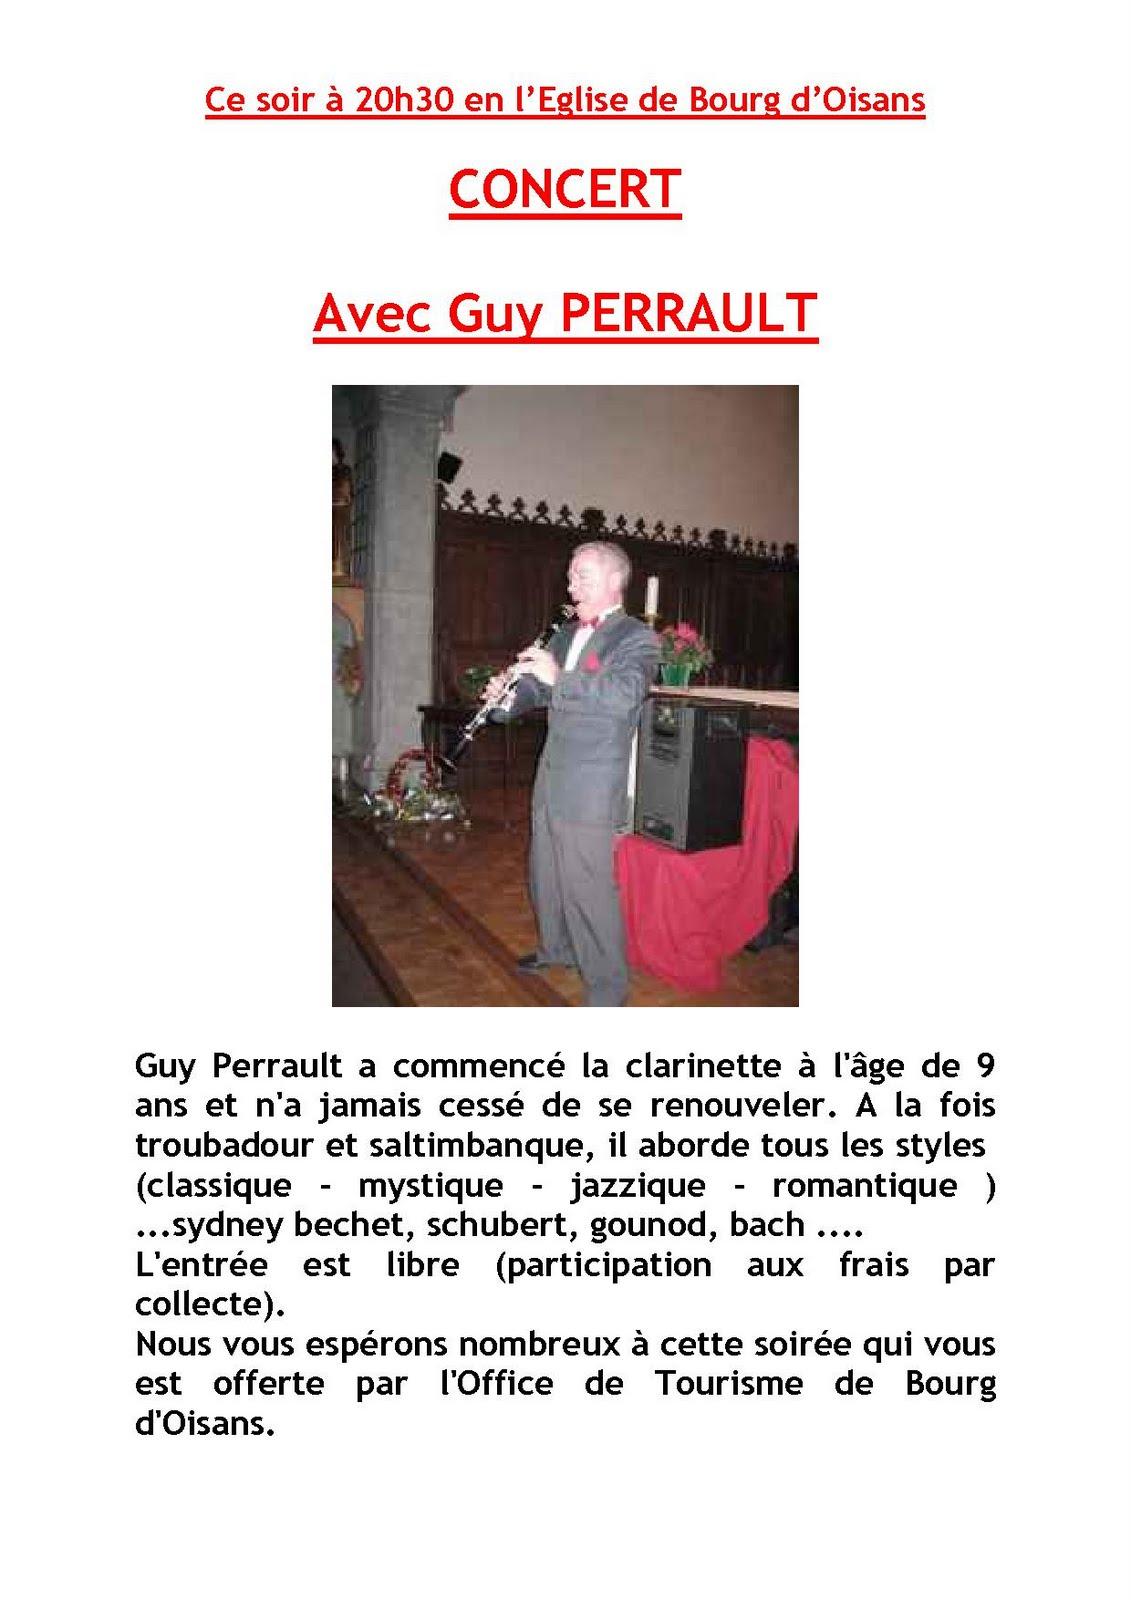 News de l 39 office de tourisme bourg d 39 oisans ao t 2010 - Office tourisme bourg d oisans ...